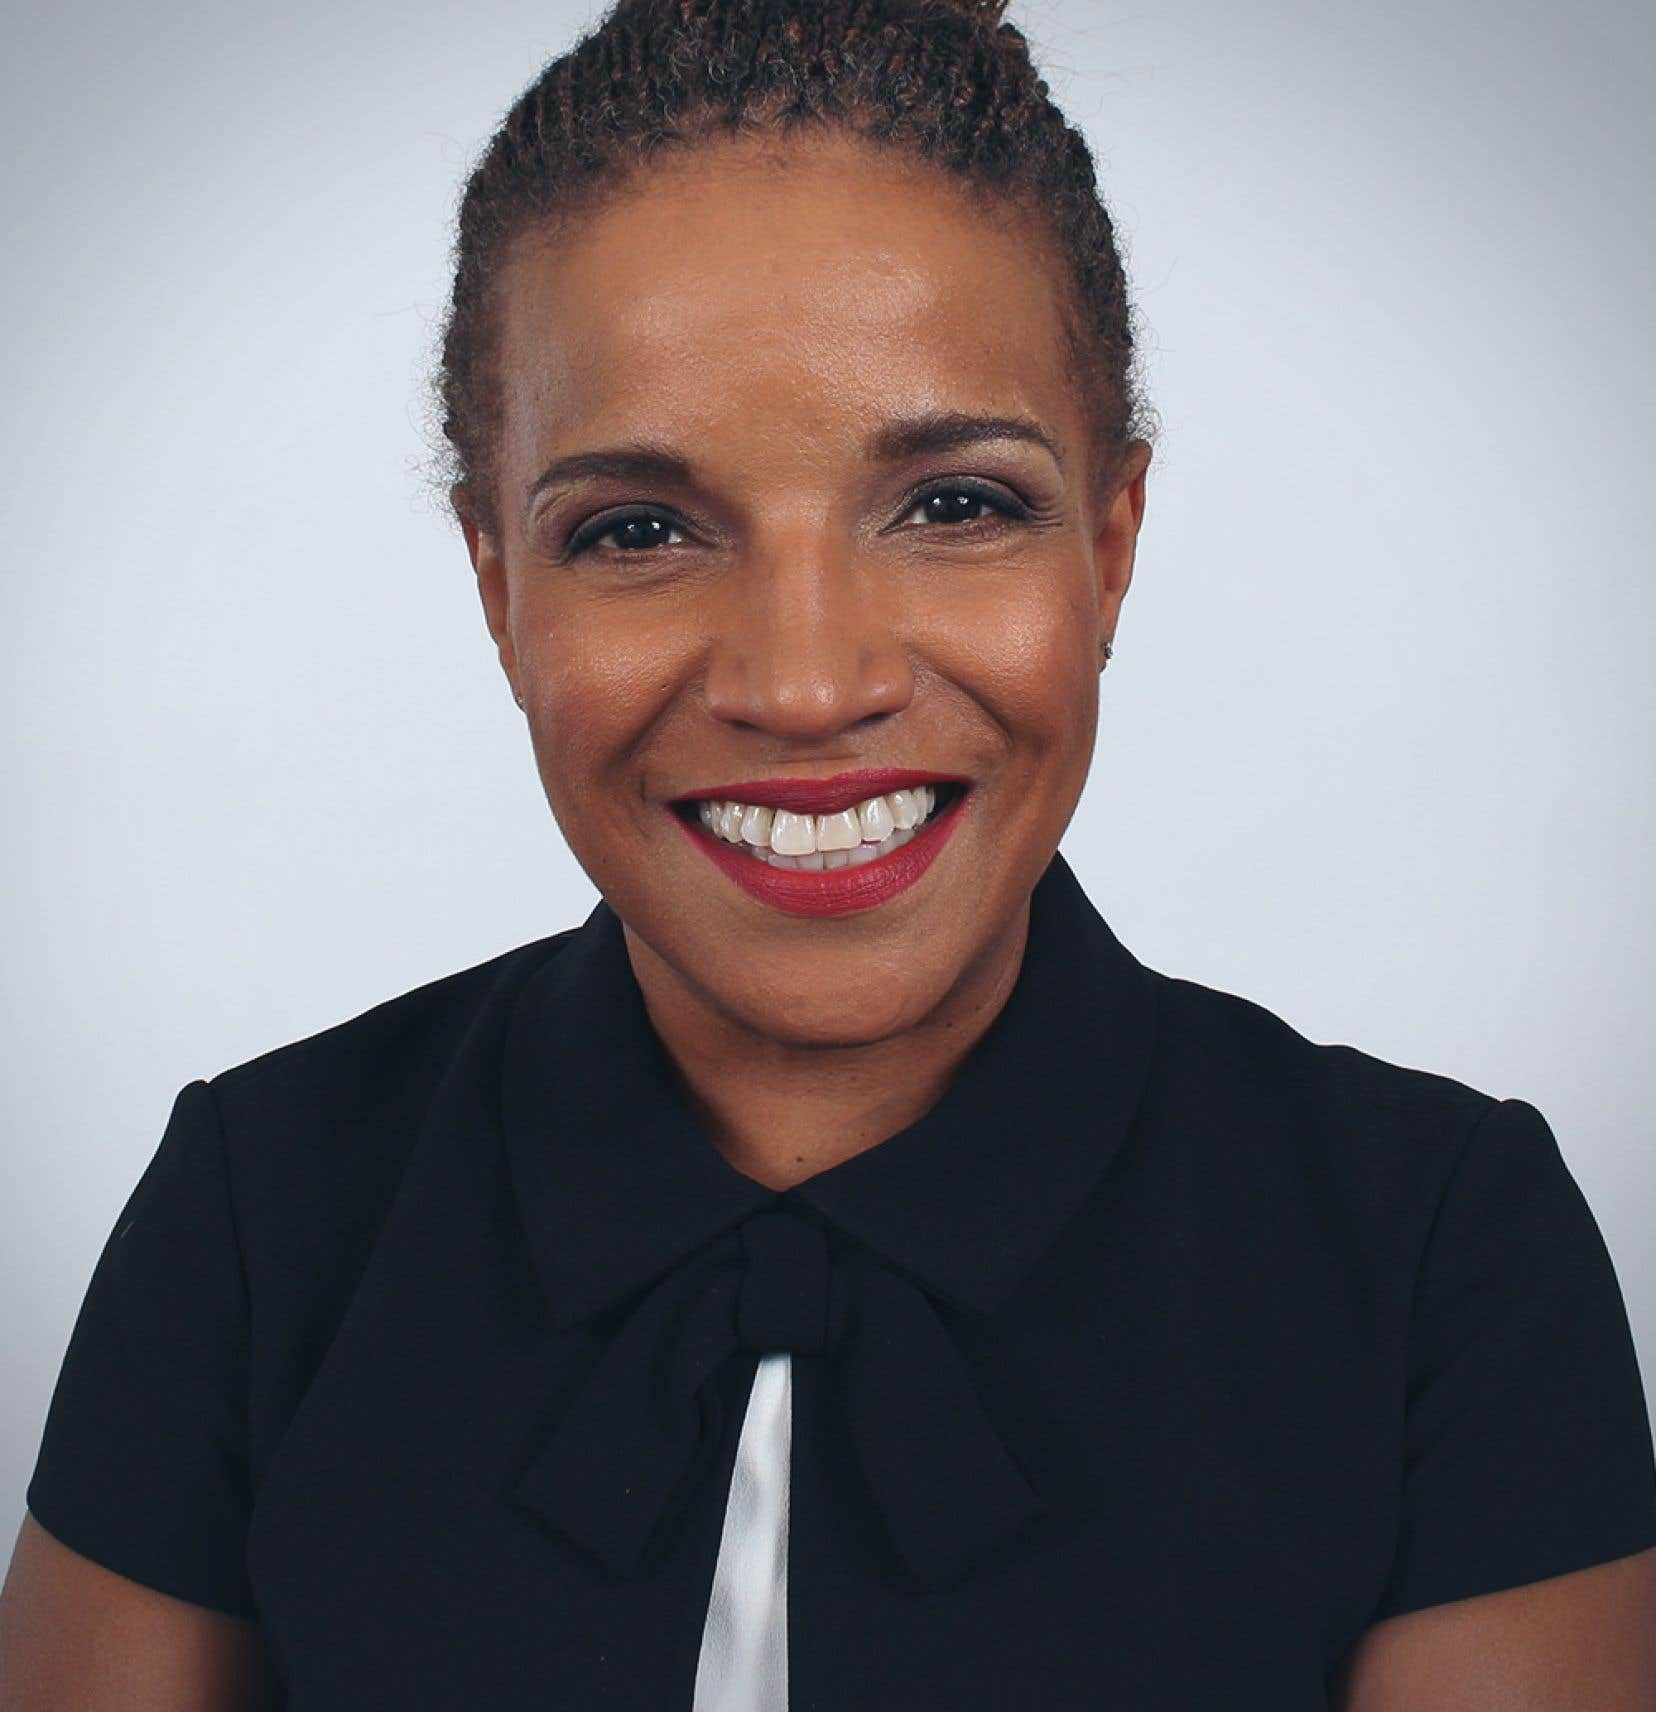 La présidente de la Commission des droits de la personne et des droits de la jeunesse, Tamara Thermitus